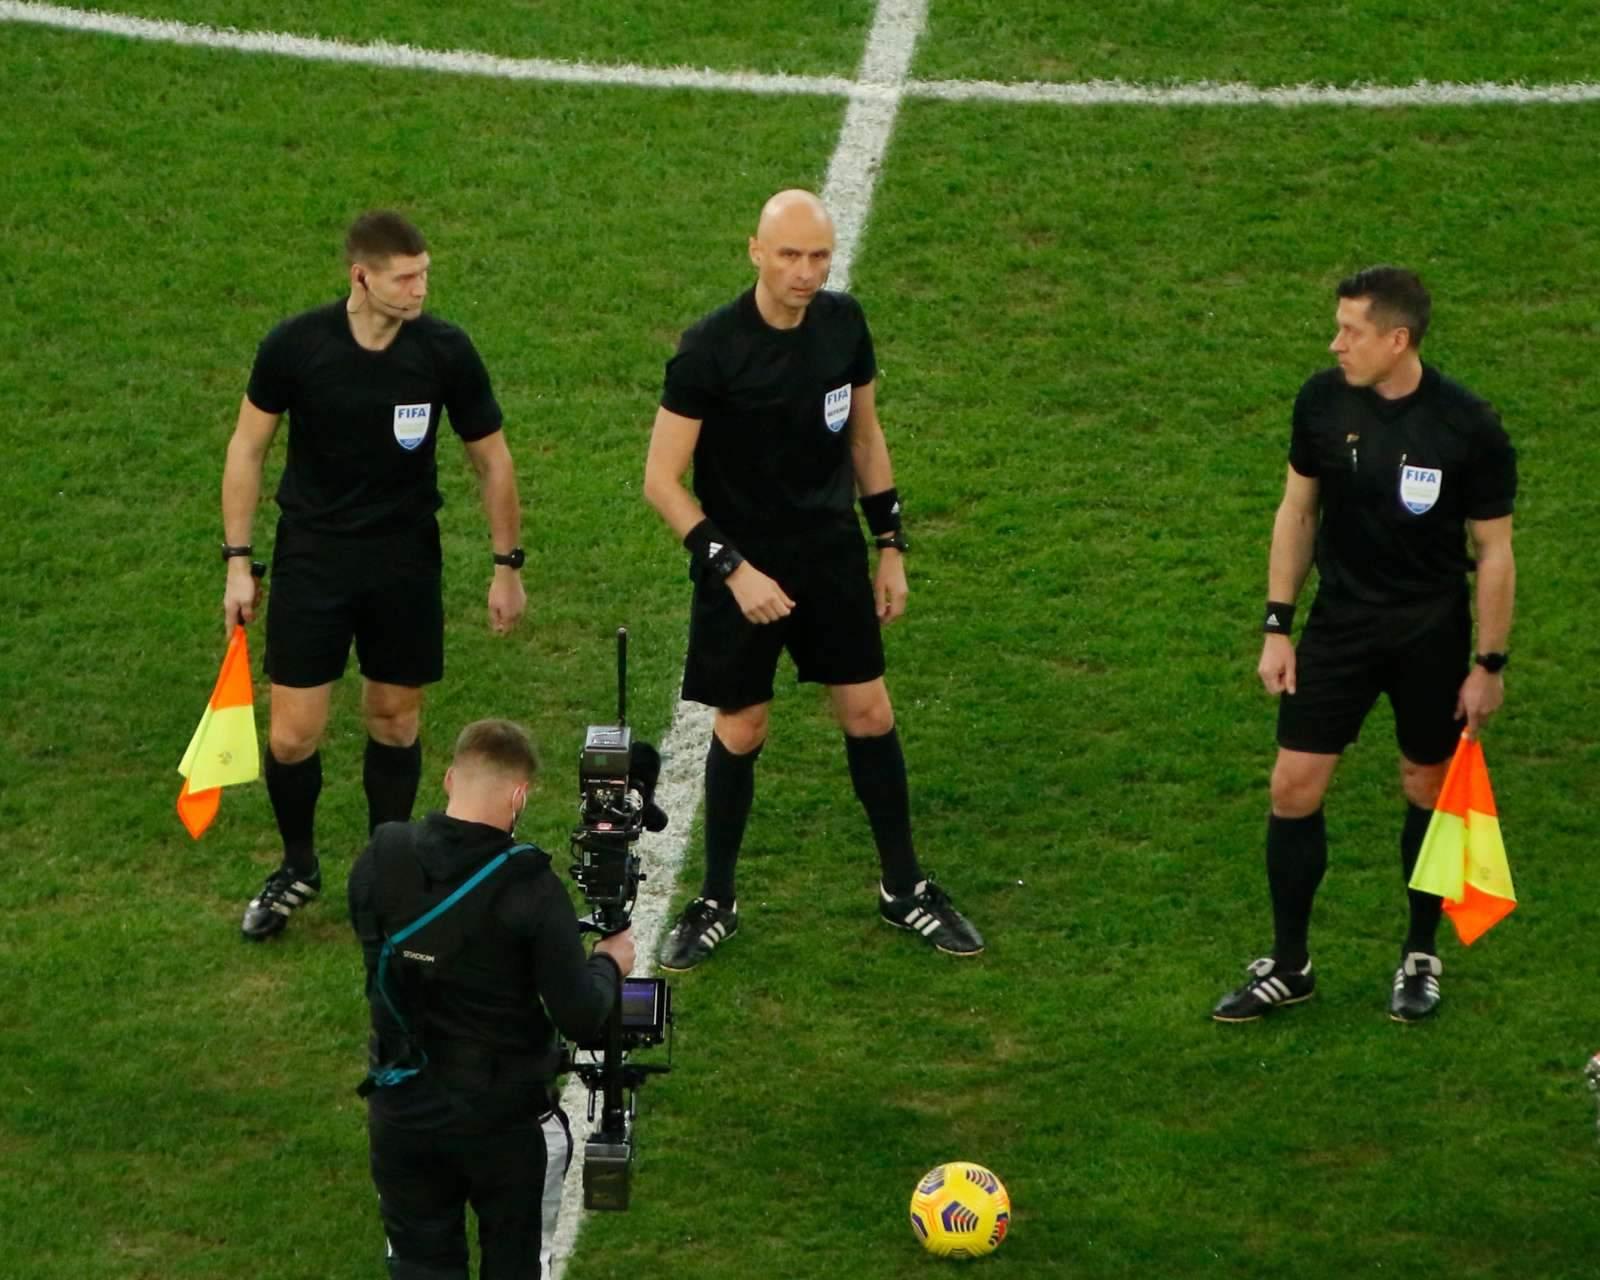 Карасёв обслужит матч Германия - Северная Македония